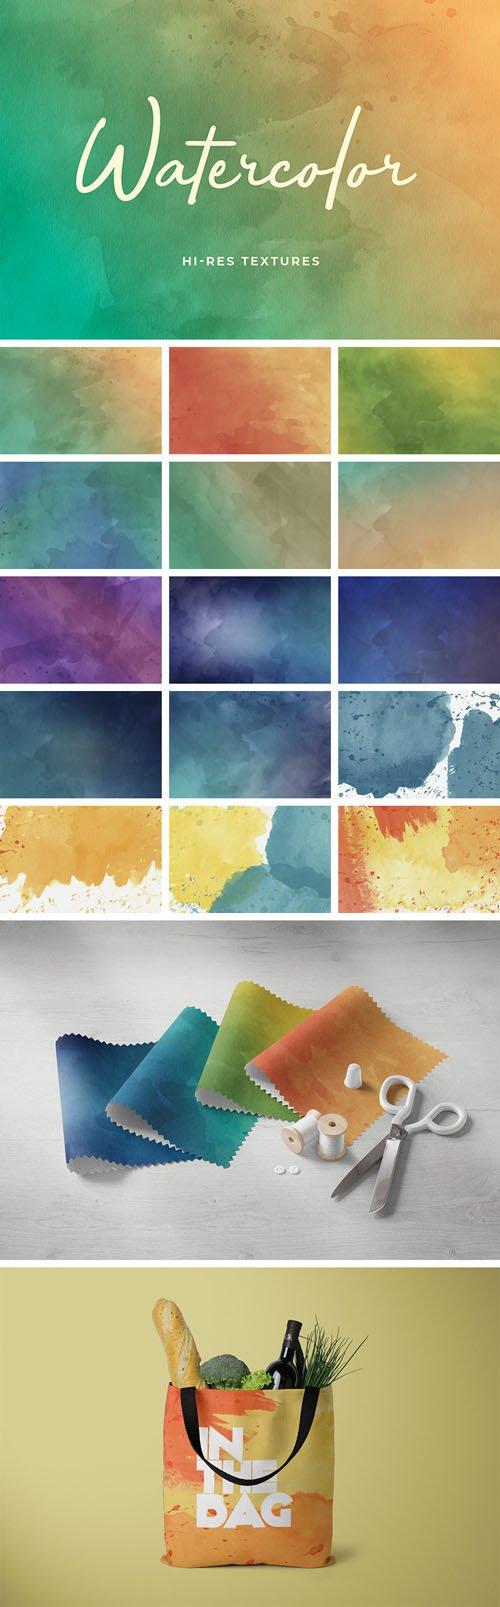 16 Watercolor Hi-Res Textures Set